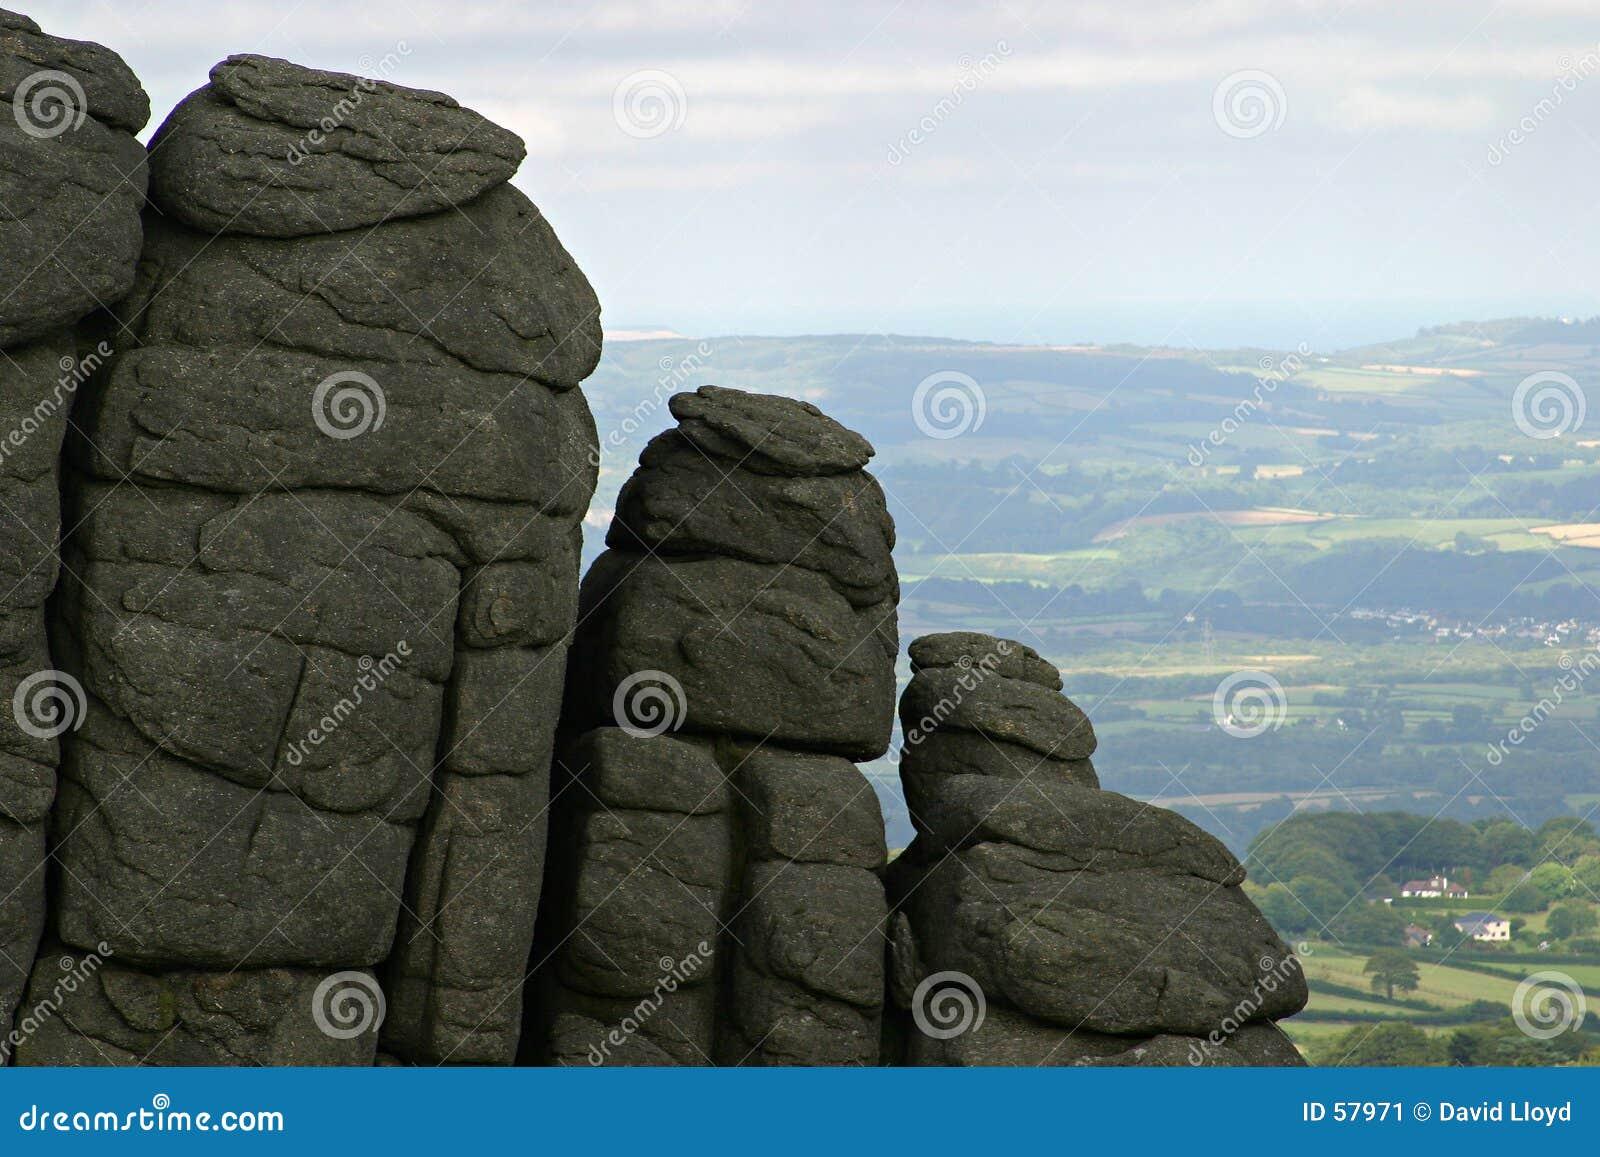 Download Affleurement de granit image stock. Image du scénique, granit - 57971